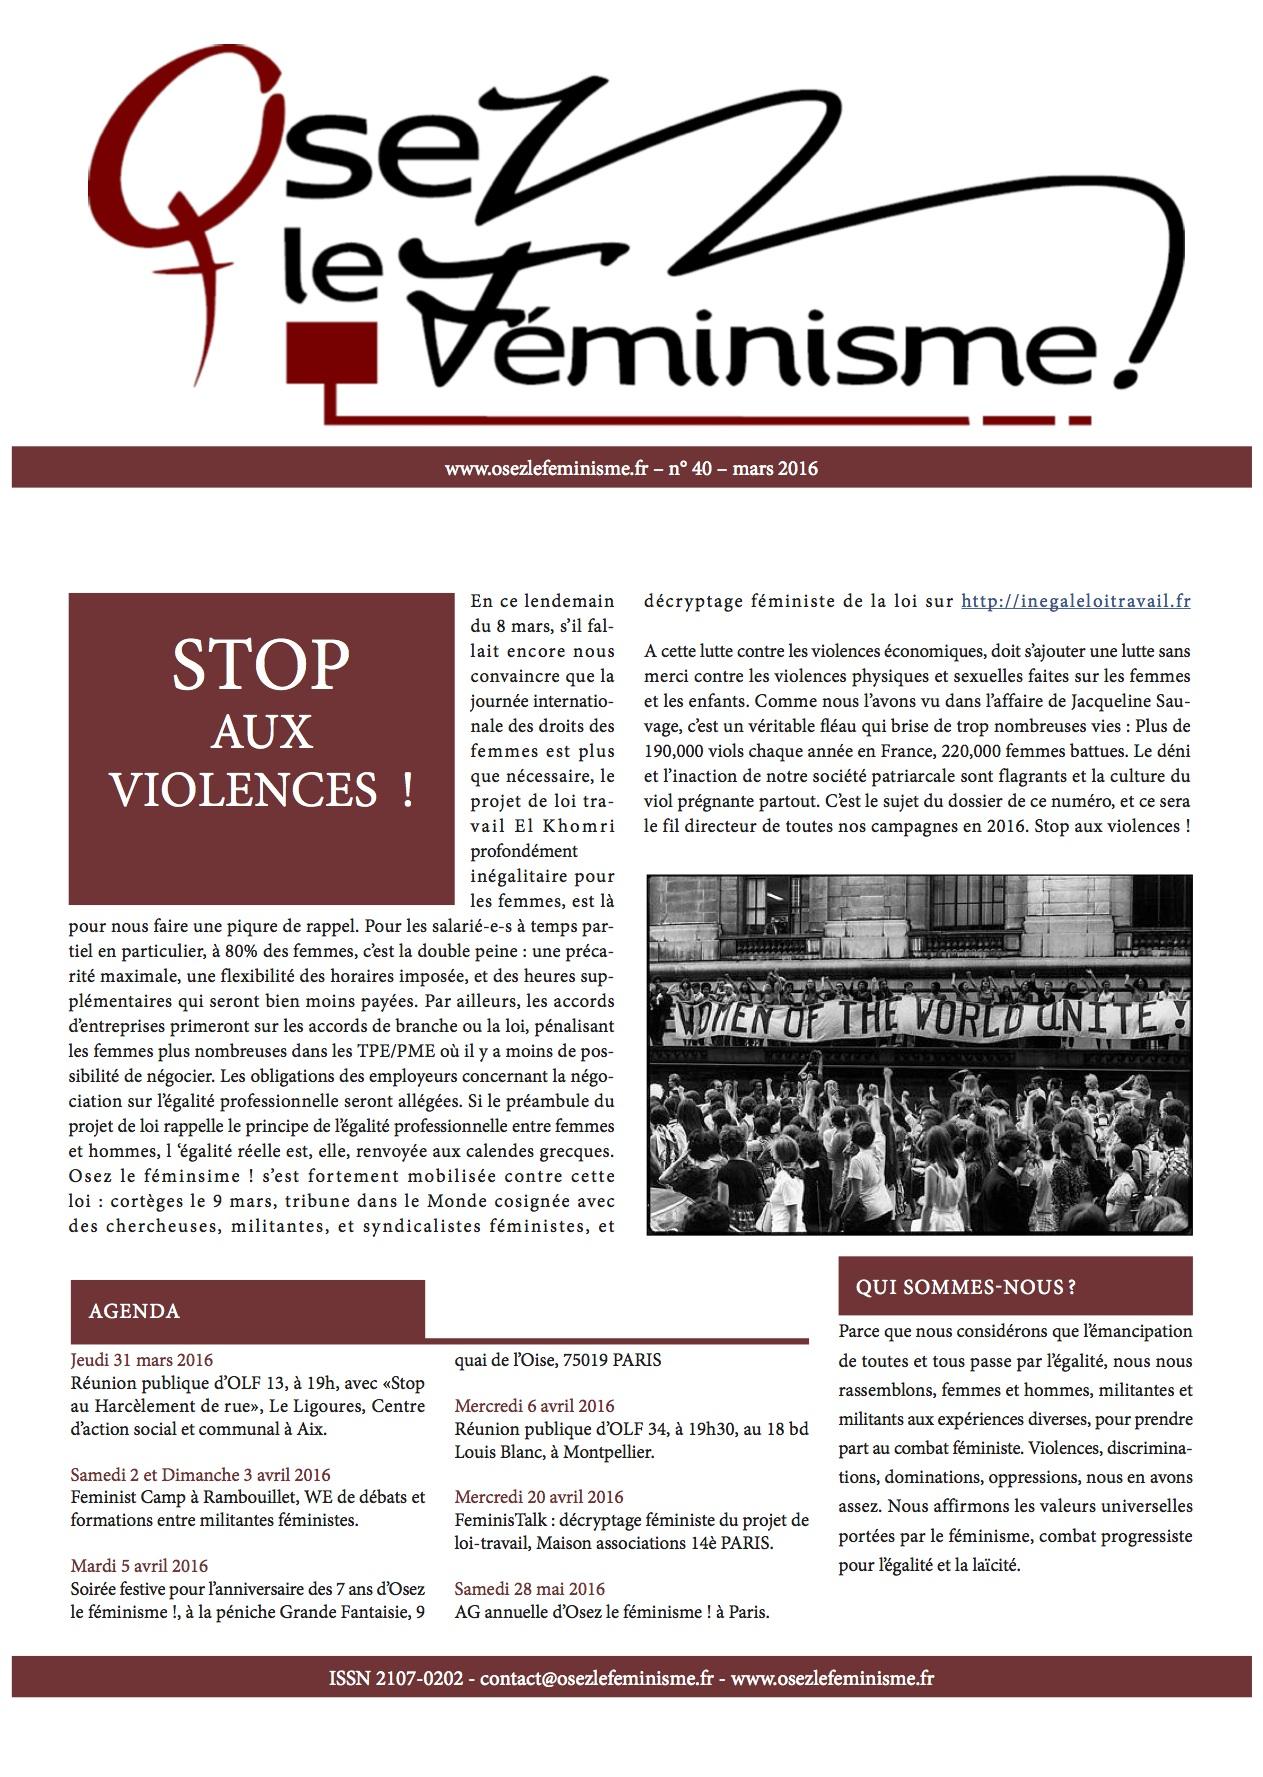 Journal 40 d'Osez le féminisme !